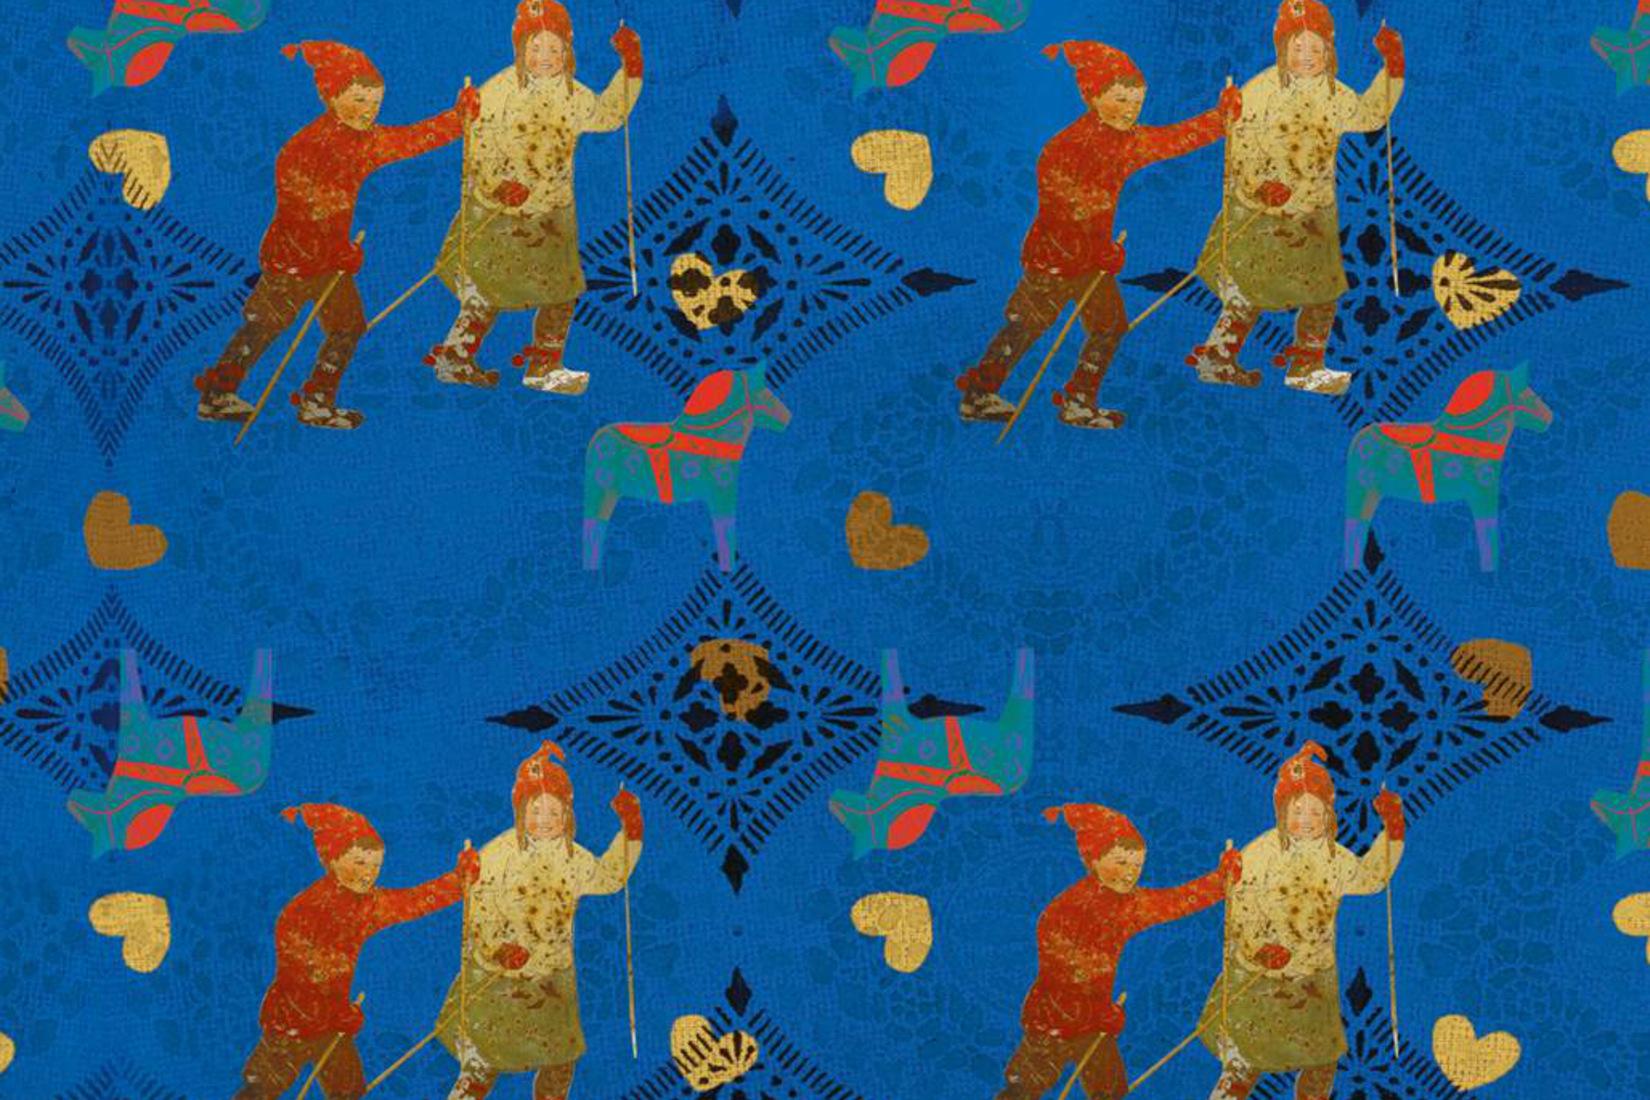 motifs de la couverture du livre, fond bleue t motifs traditionnels suédois : eprsonnages et chevaux de Dalércarlie